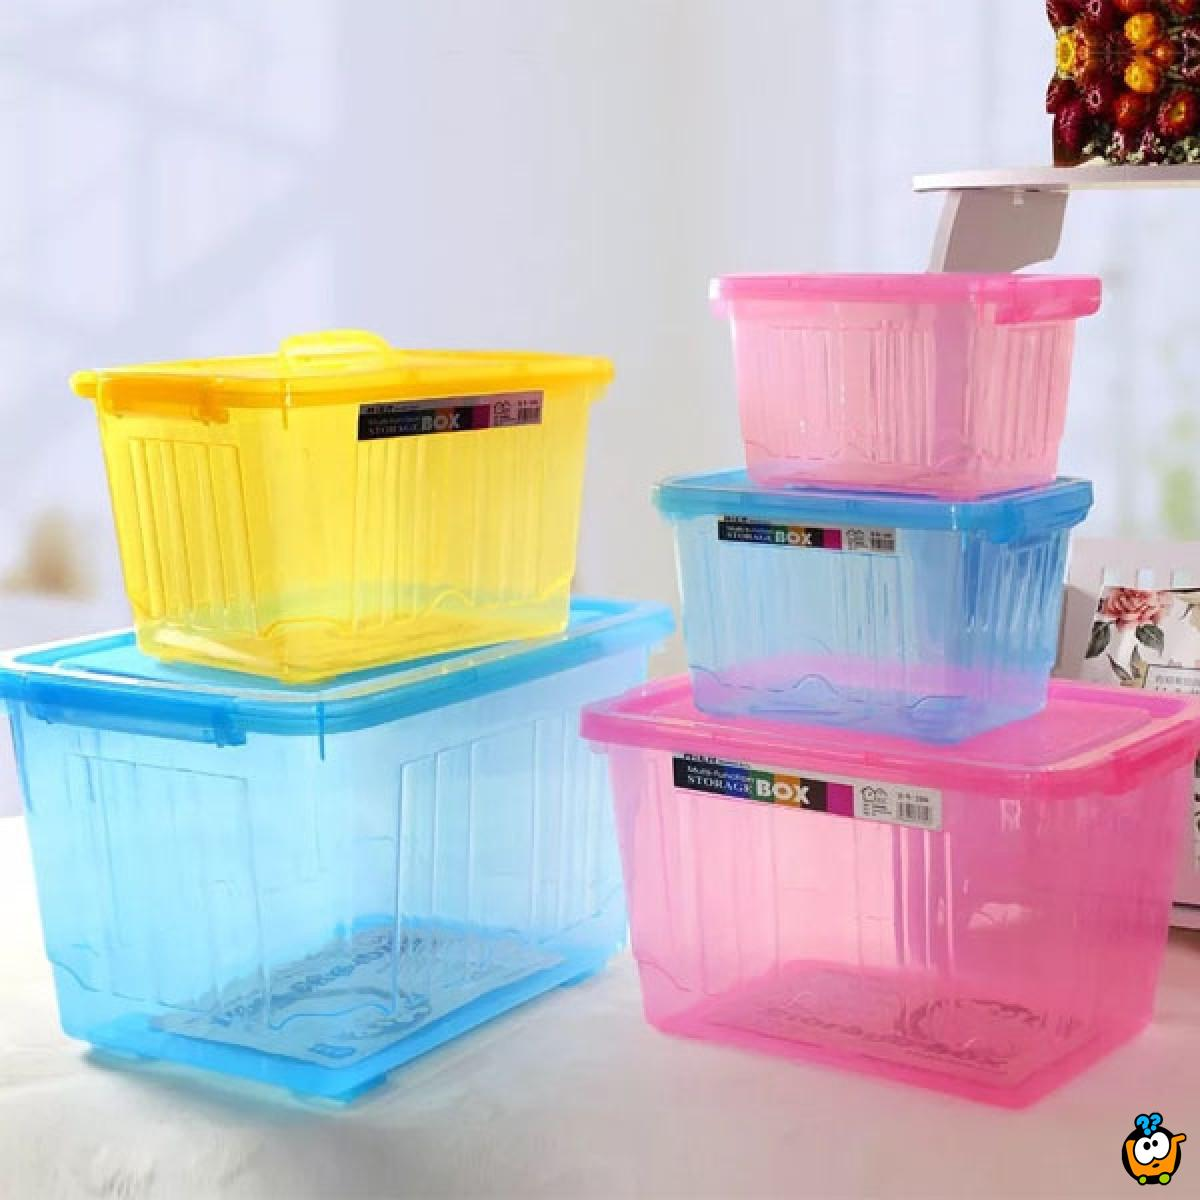 Kutija za skladištenje igračaka i ostalih stvari  35x25x22